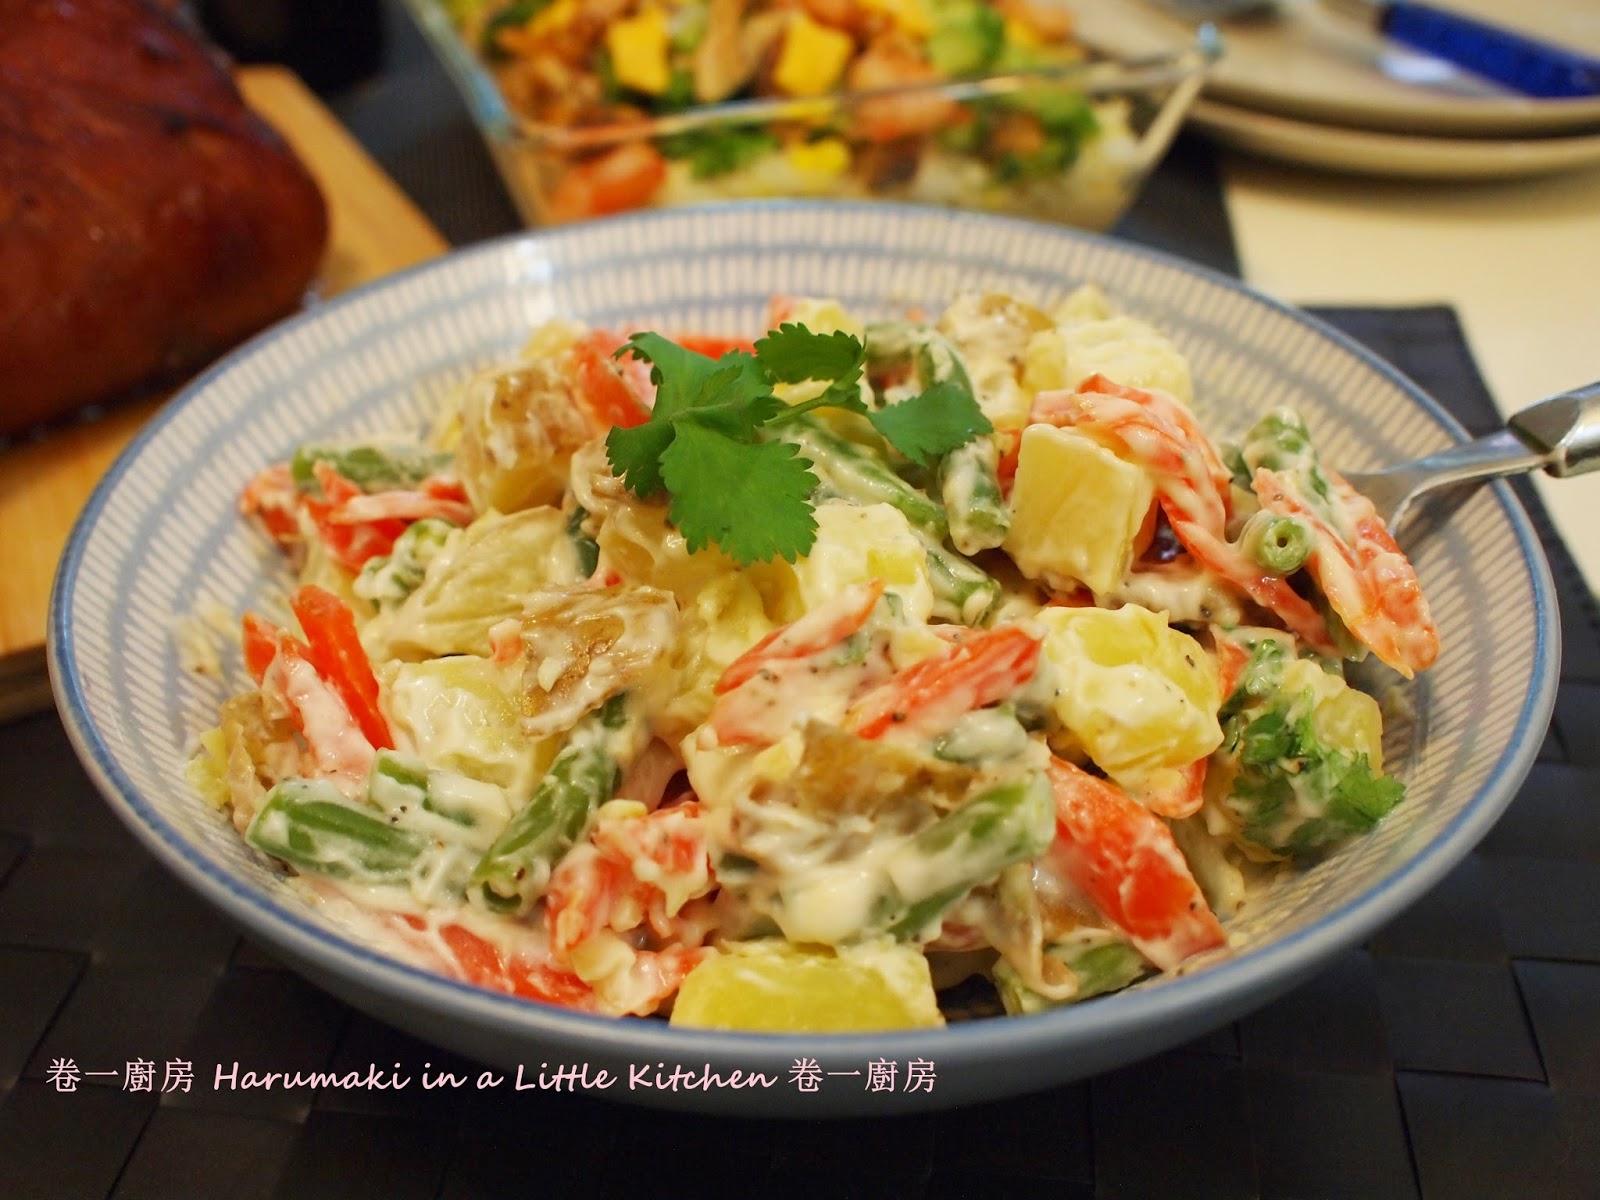 薯仔蔬菜沙律 (附食譜) - 前菜 - SeeWide